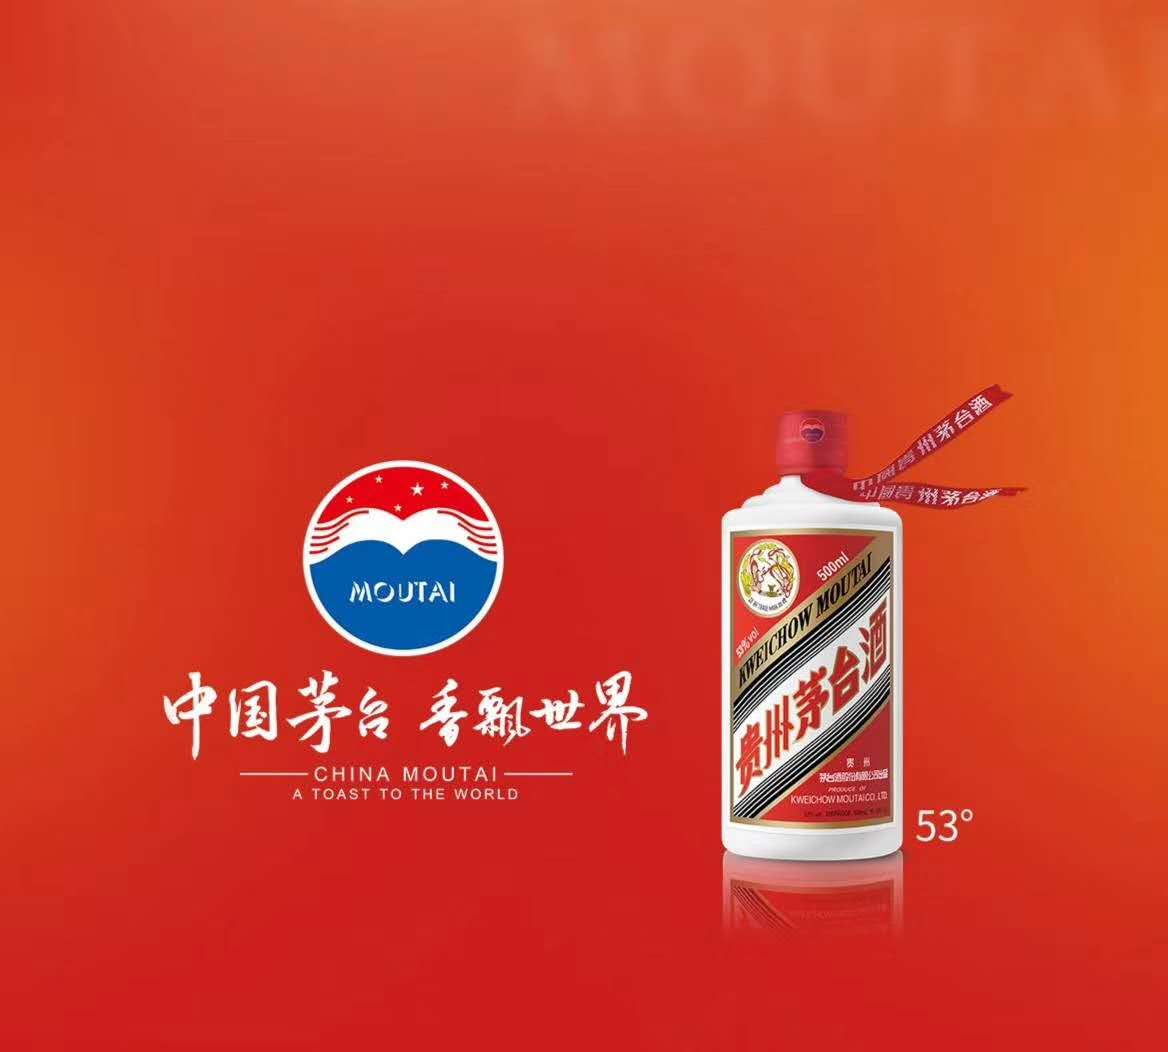 【北京回收】1989年飞天(茅台酒)回收价格一览表整箱回收